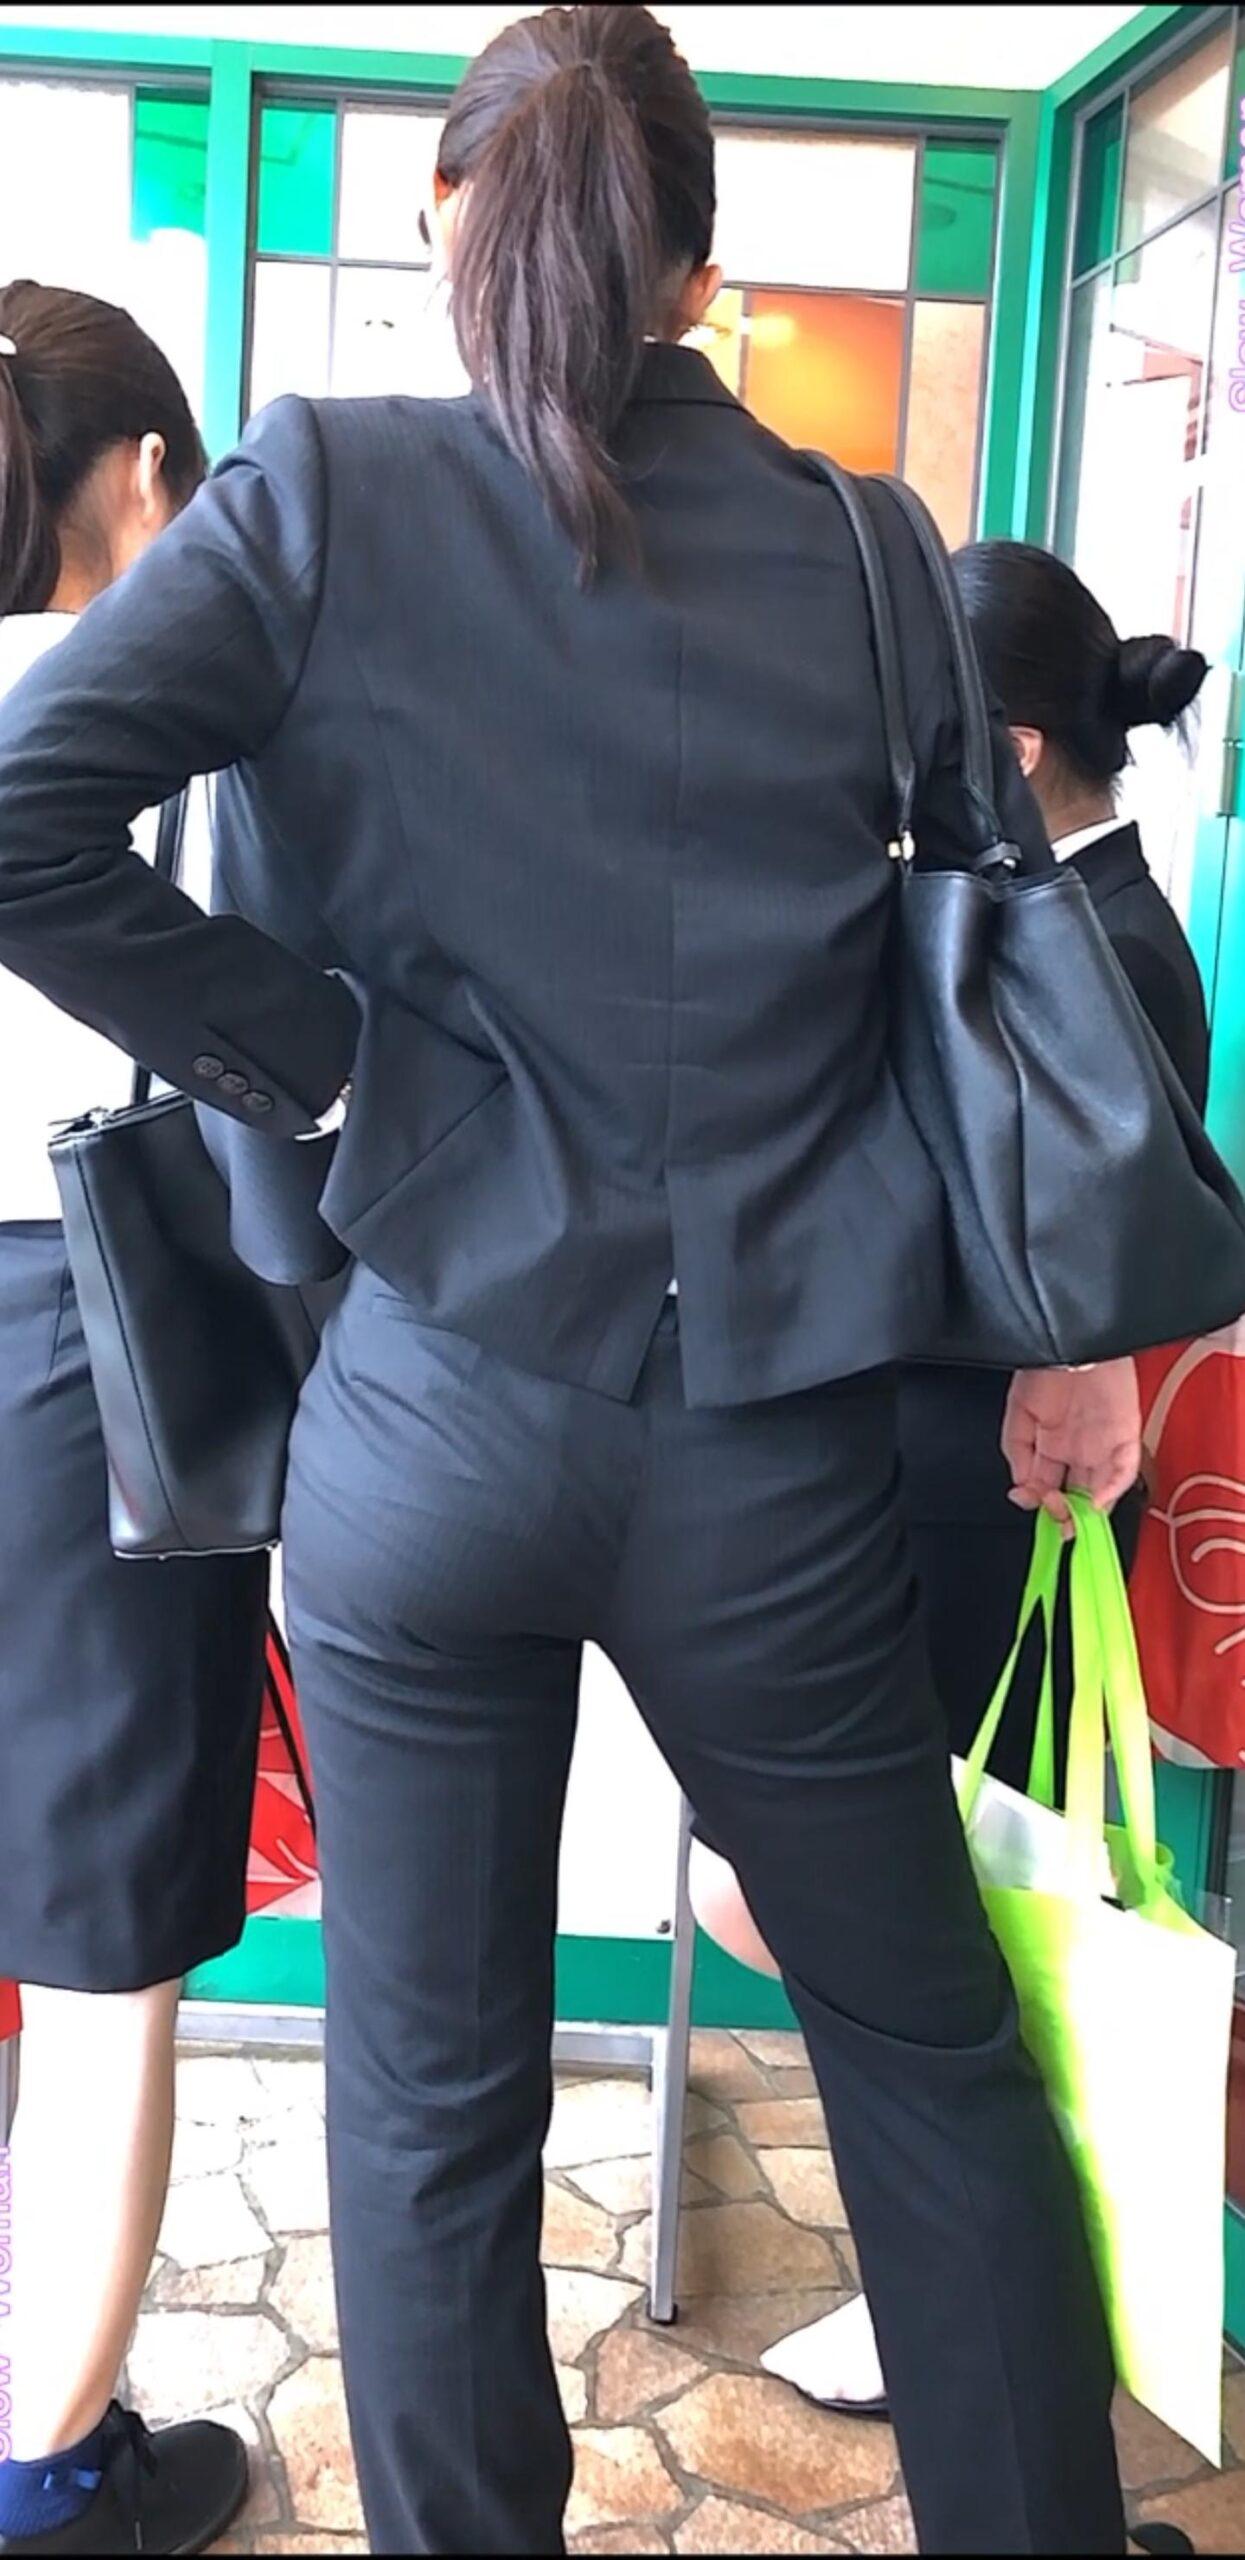 街撮りしたOLさんのパンツスーツのお尻画像っていいよね 。 BgdpYJh scaled